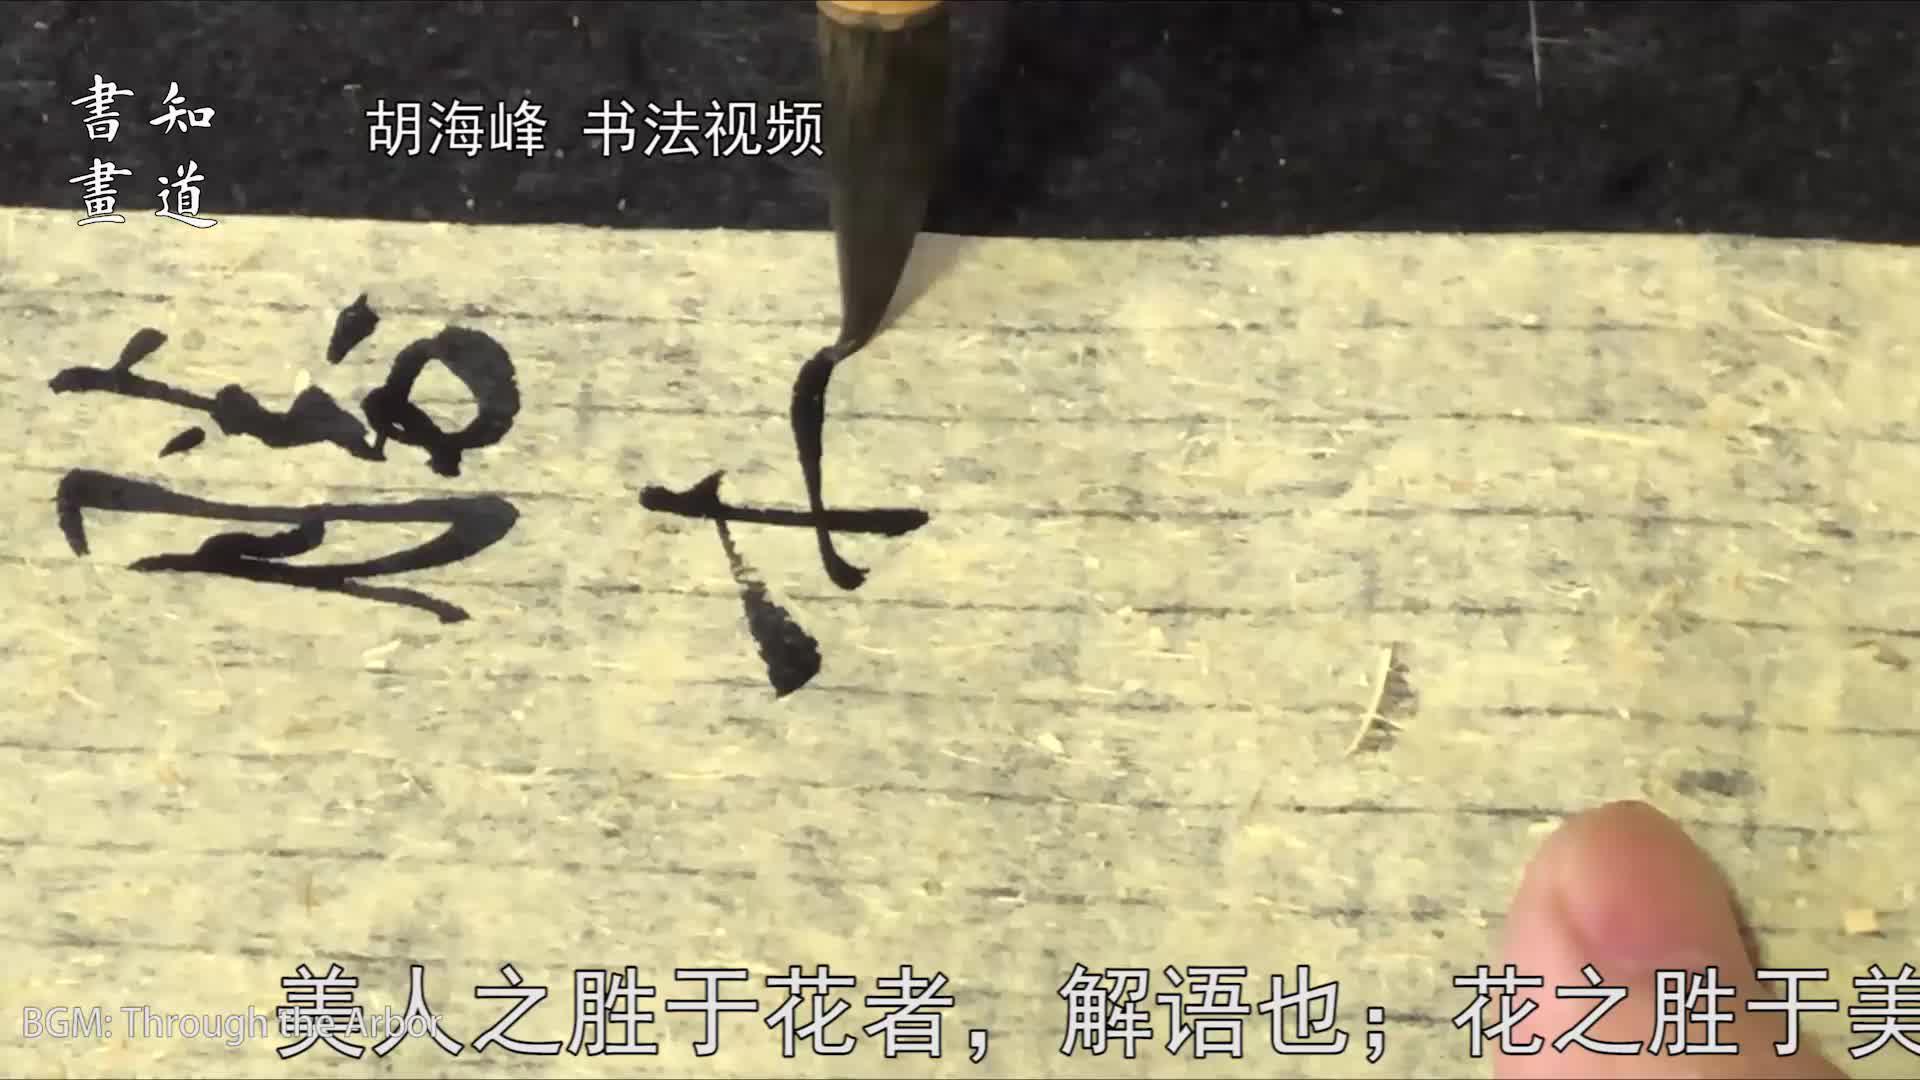 知道书画|海峰书法视频 行草书《幽梦影》数则 08